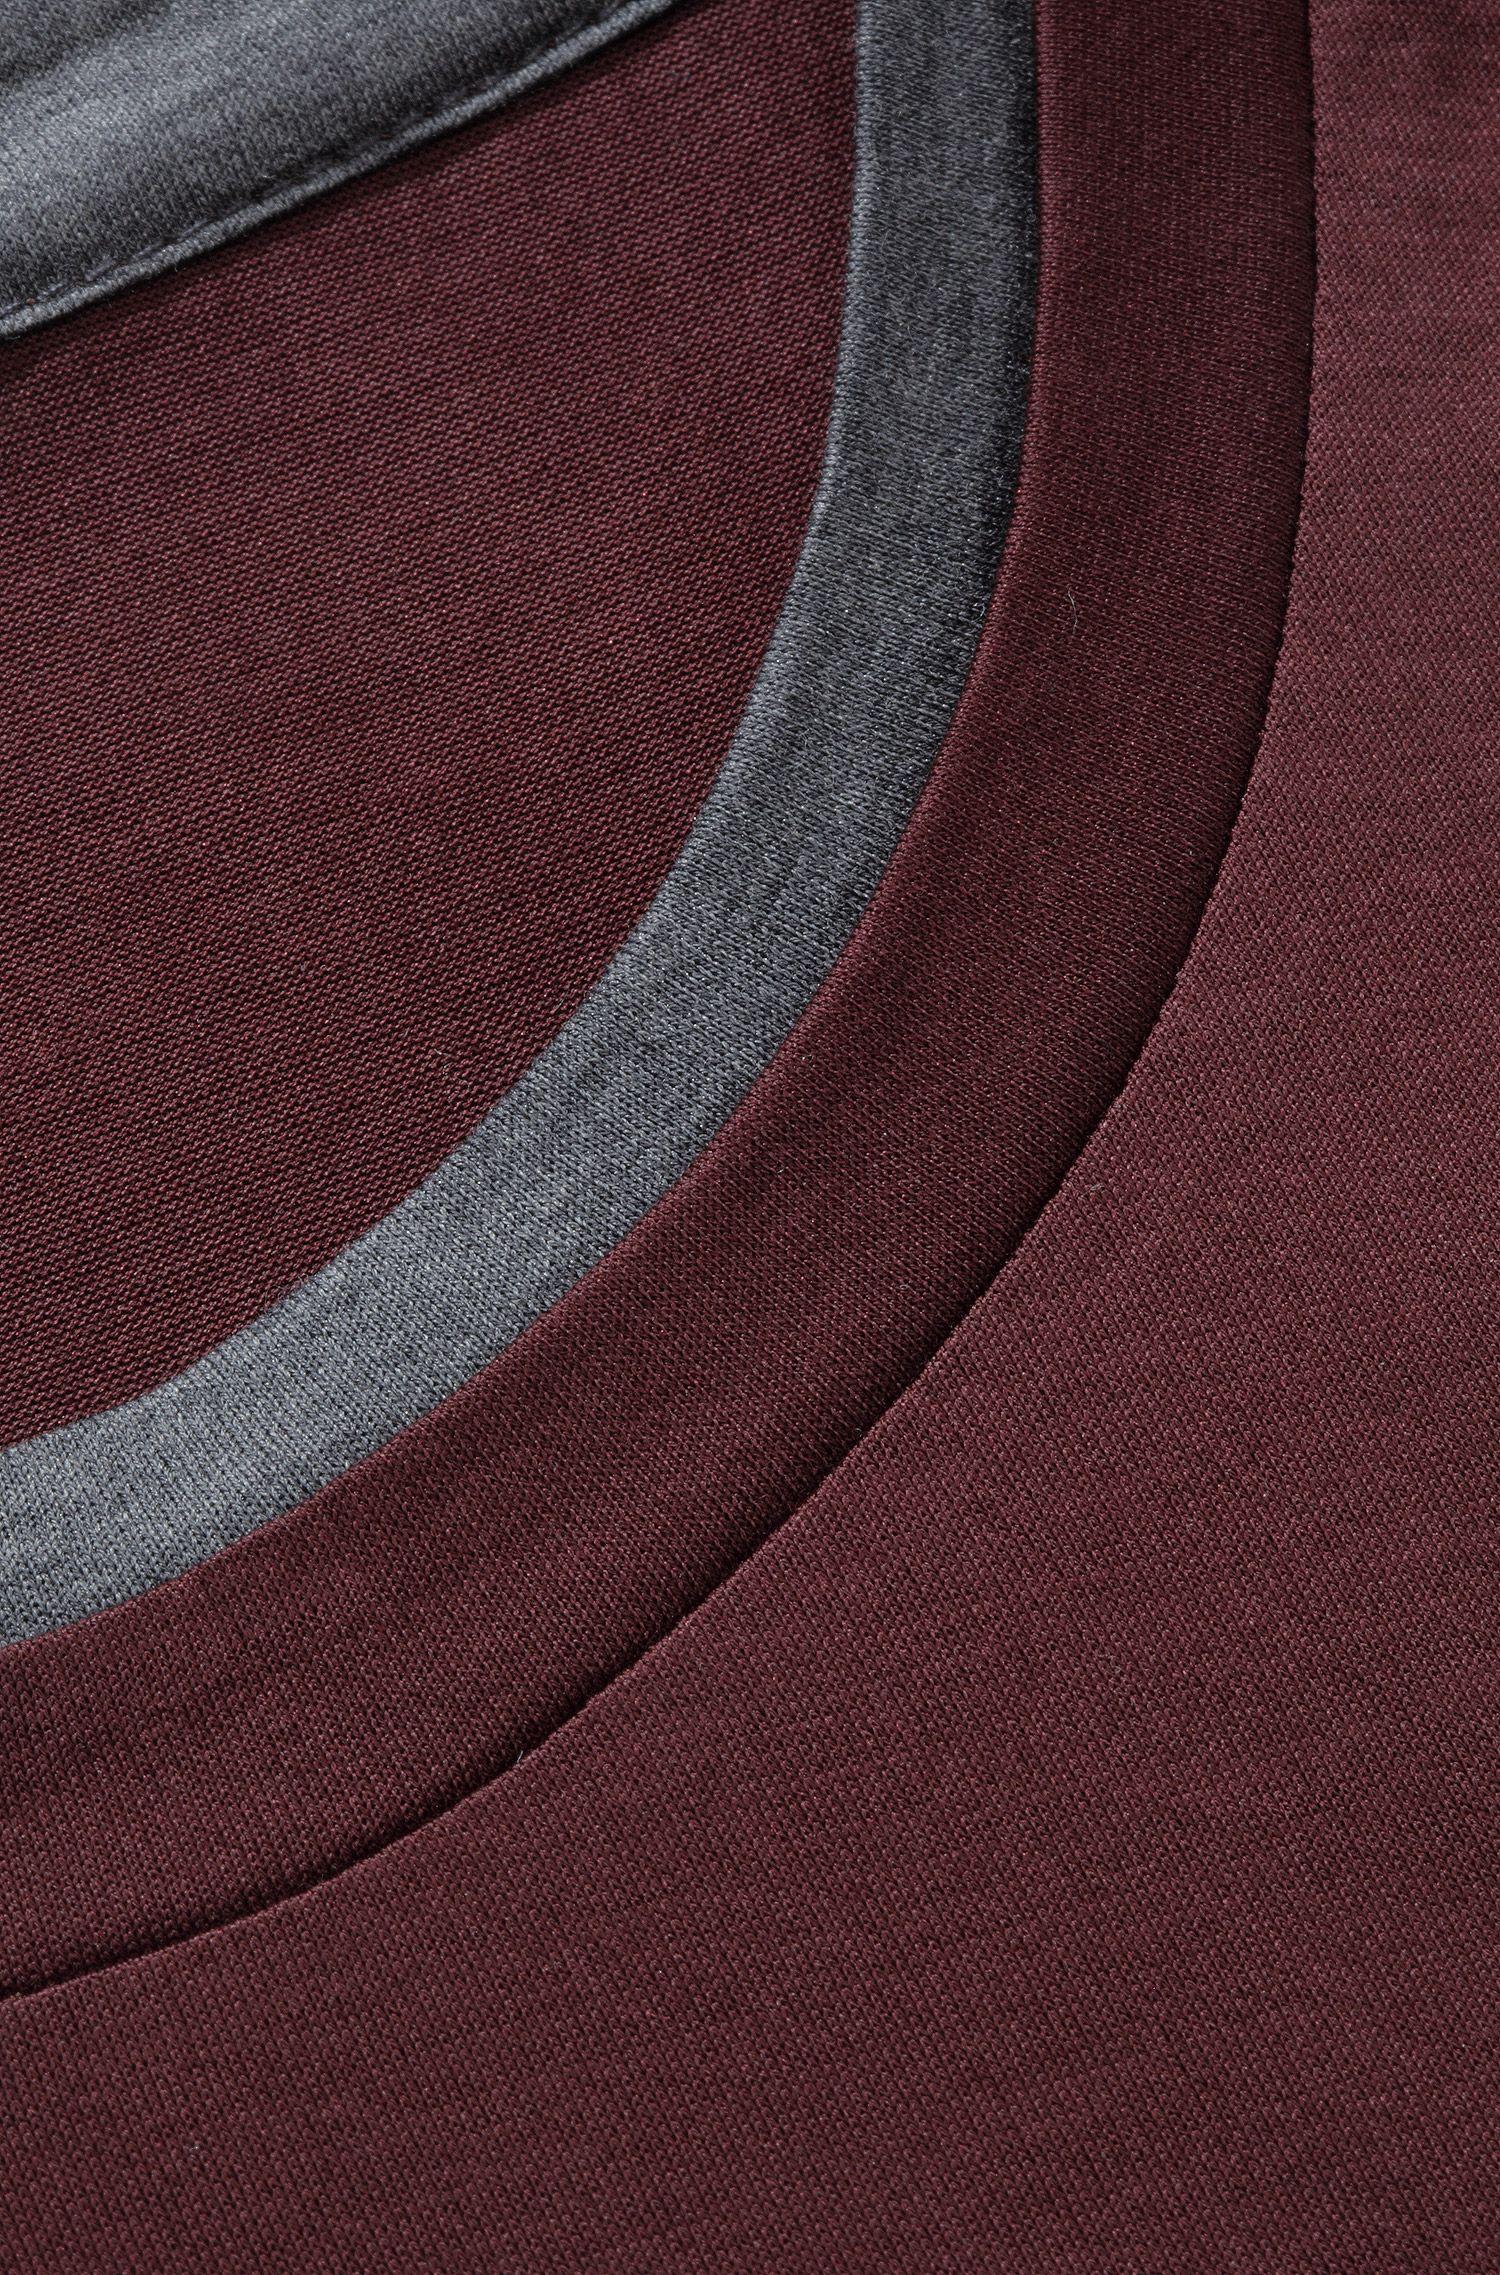 Longsleeve ´Sorso 02` aus Baumwolle